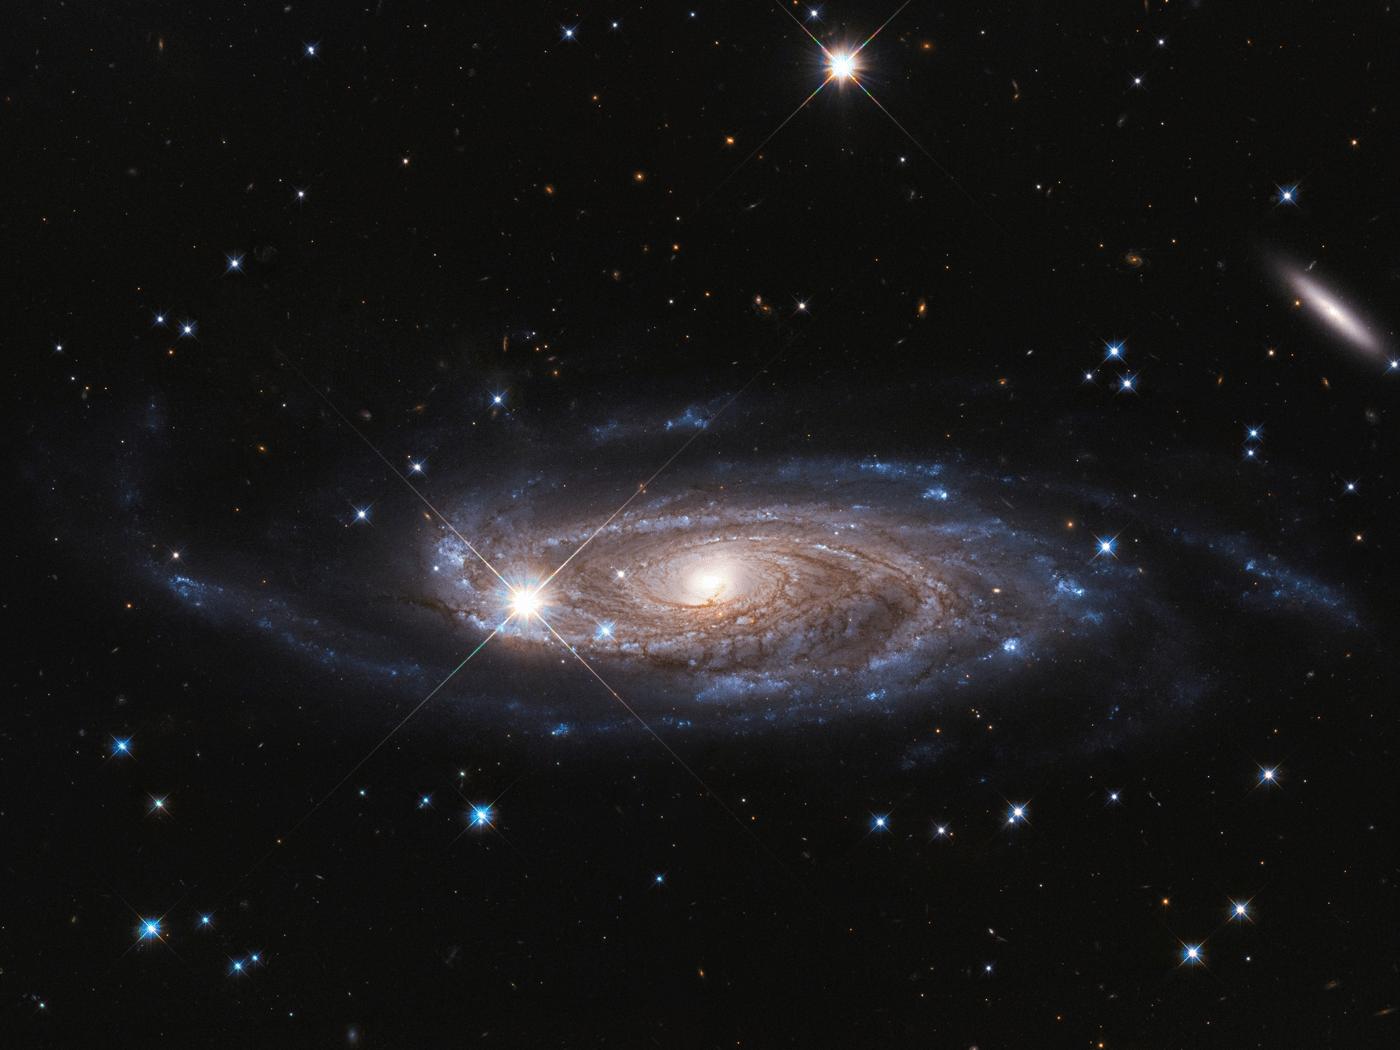 an image of a spiral galaxy